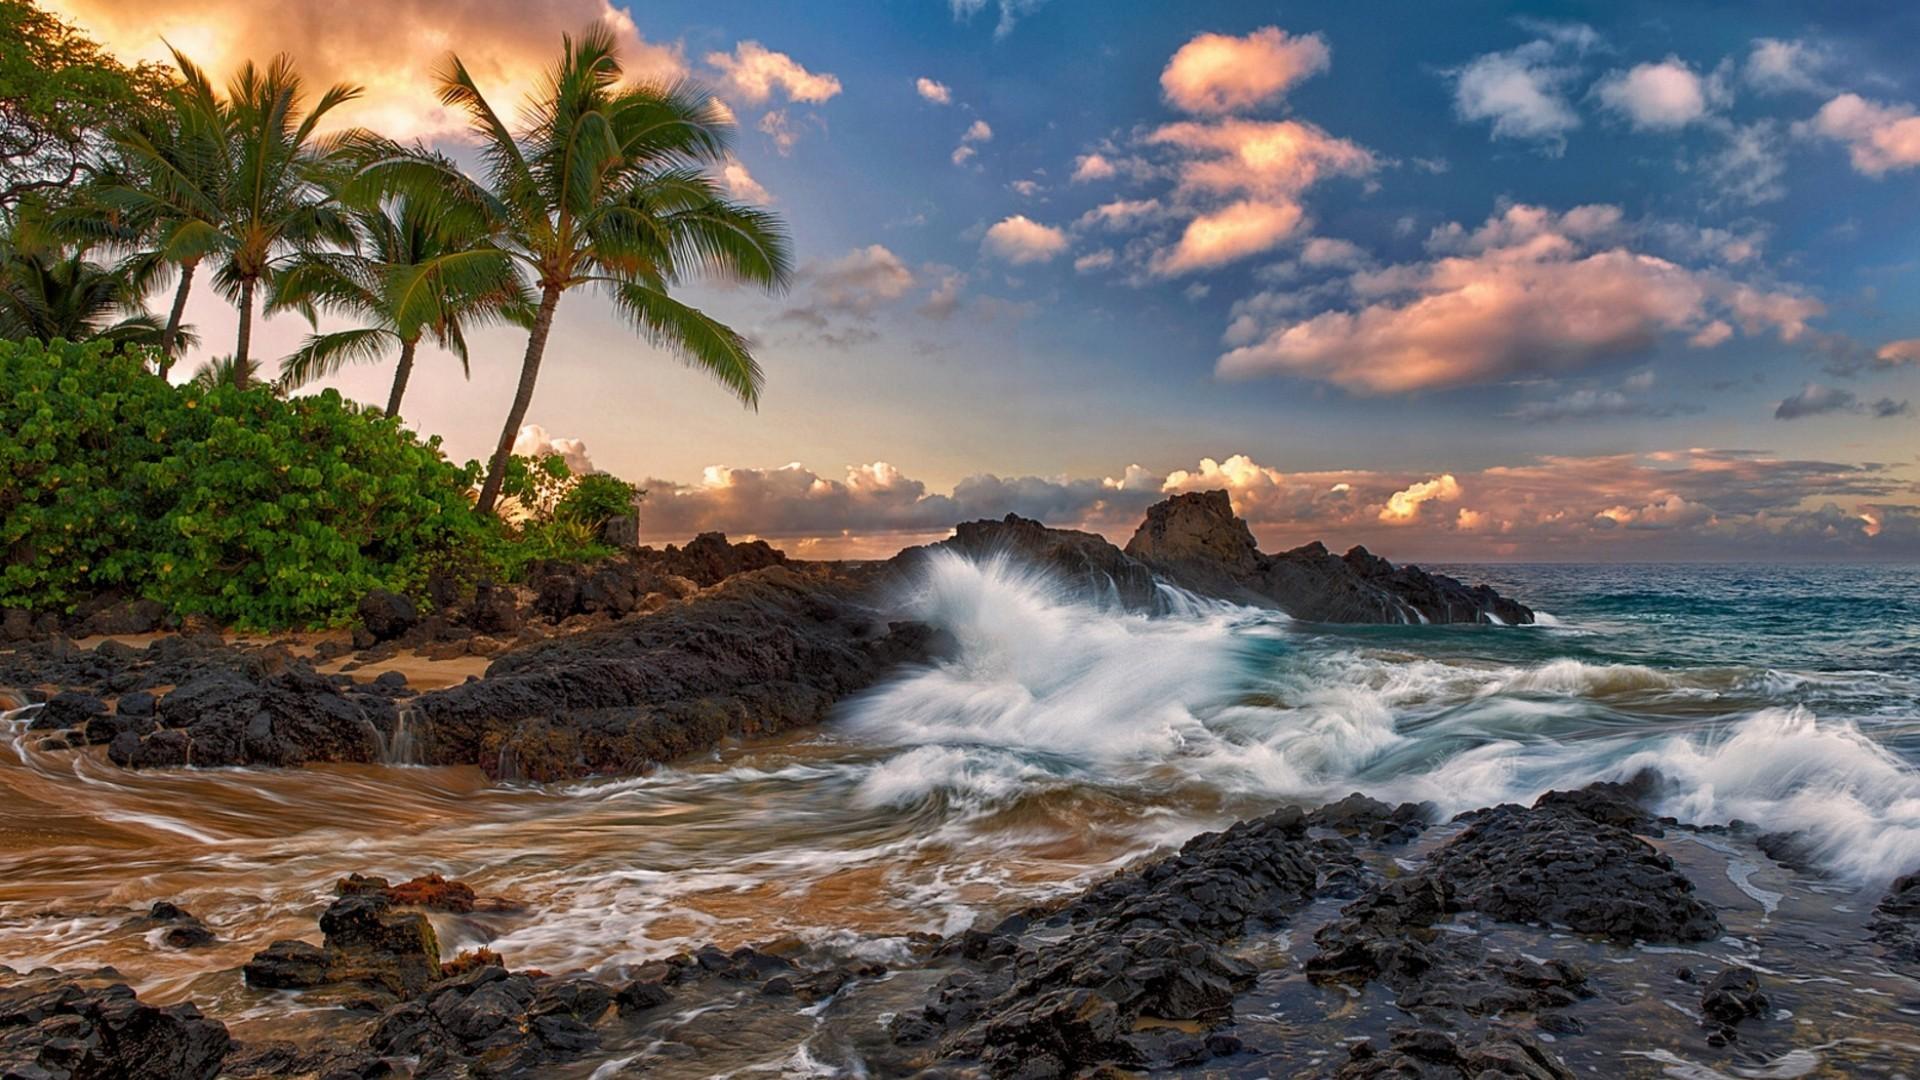 Res: 1920x1080, Hawaii Wallpaper Widescreen